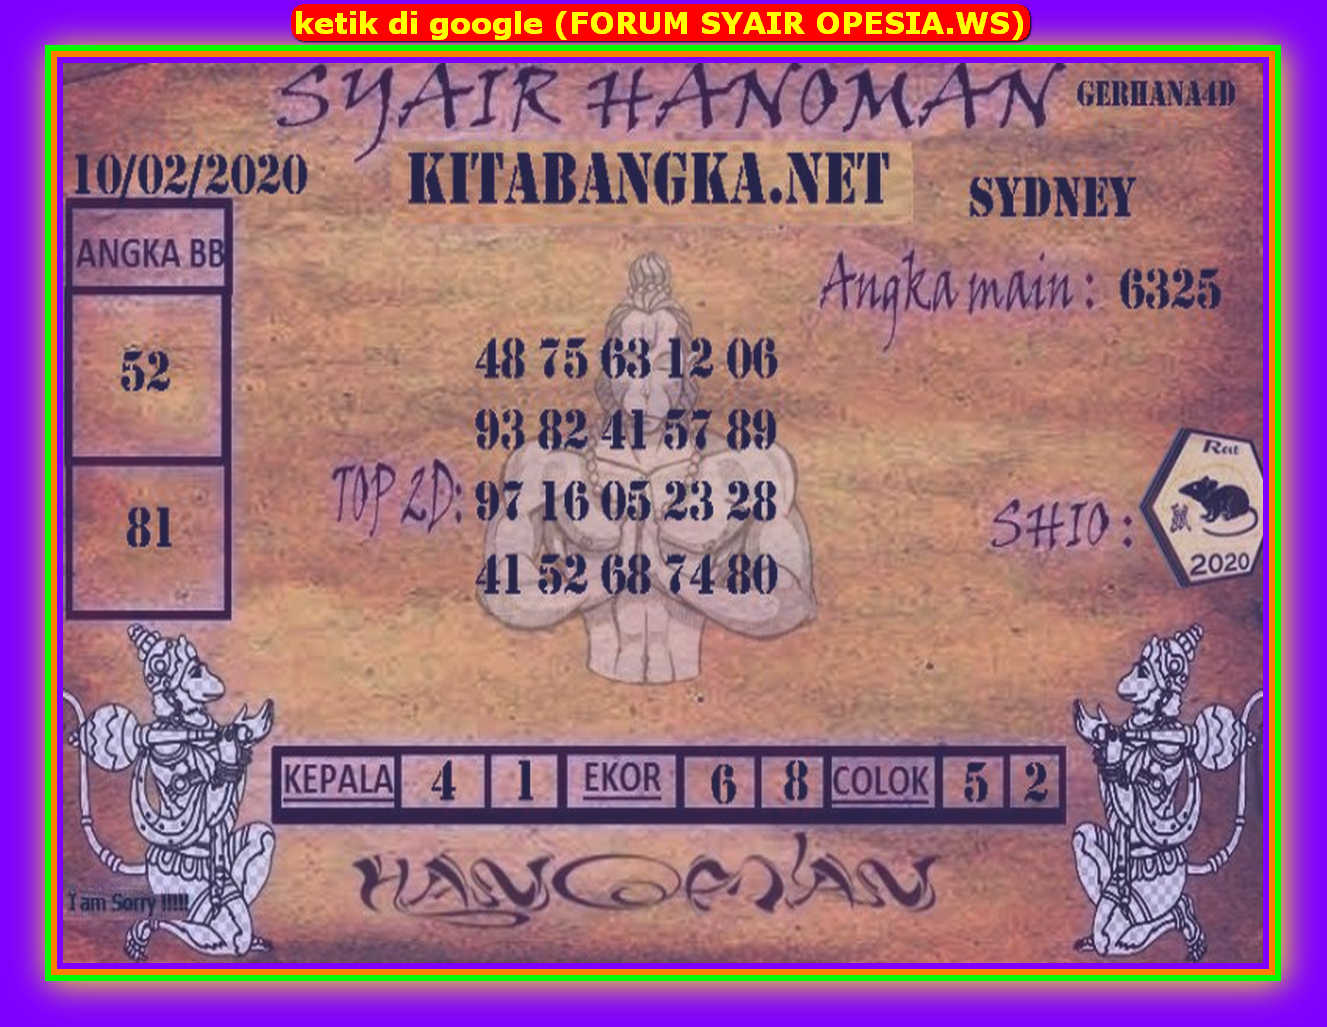 Kode syair Sydney Senin 10 Februari 2020 80